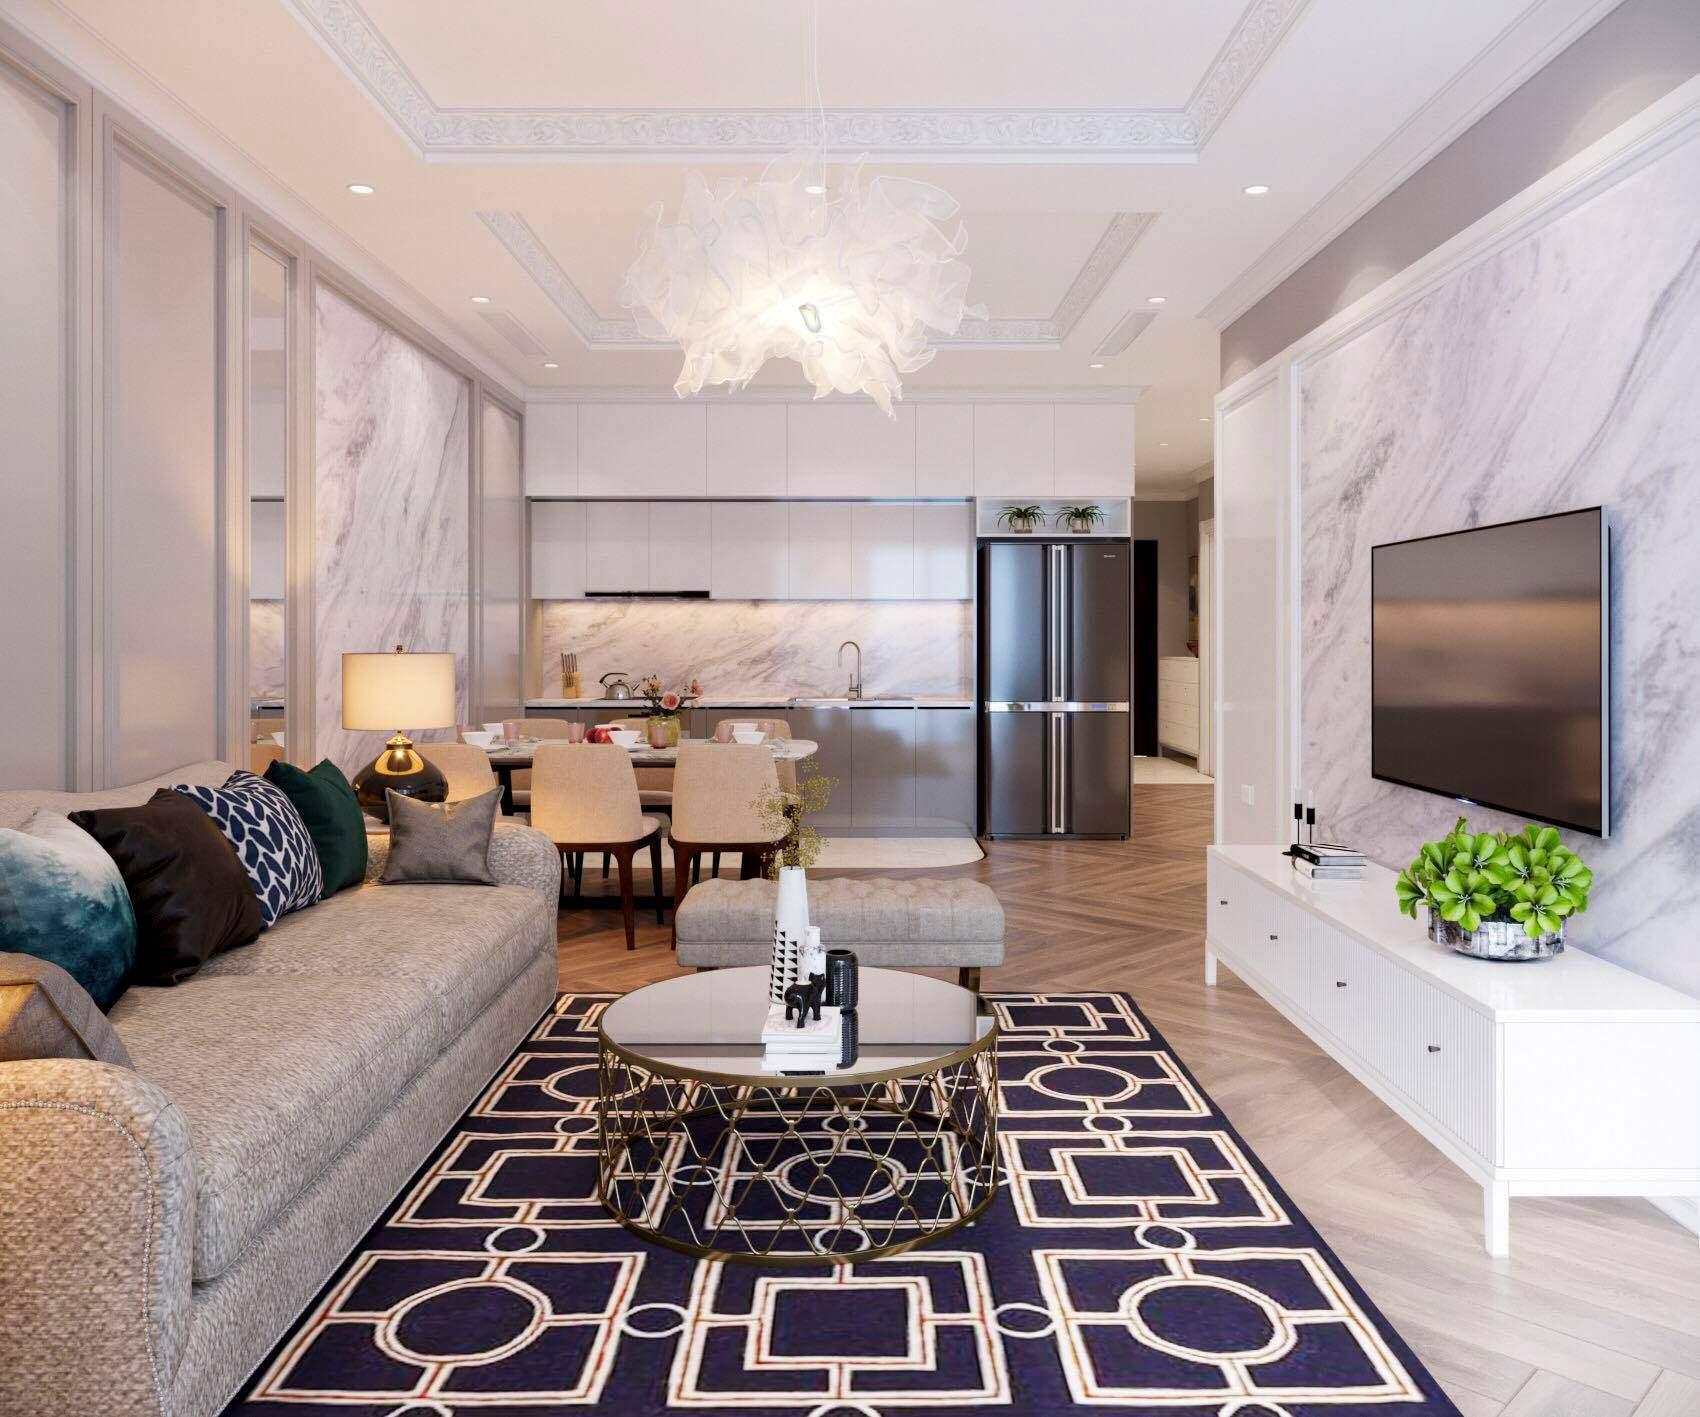 Mẫu thiết kế phòng khách đẹp lung linh vạn người mê